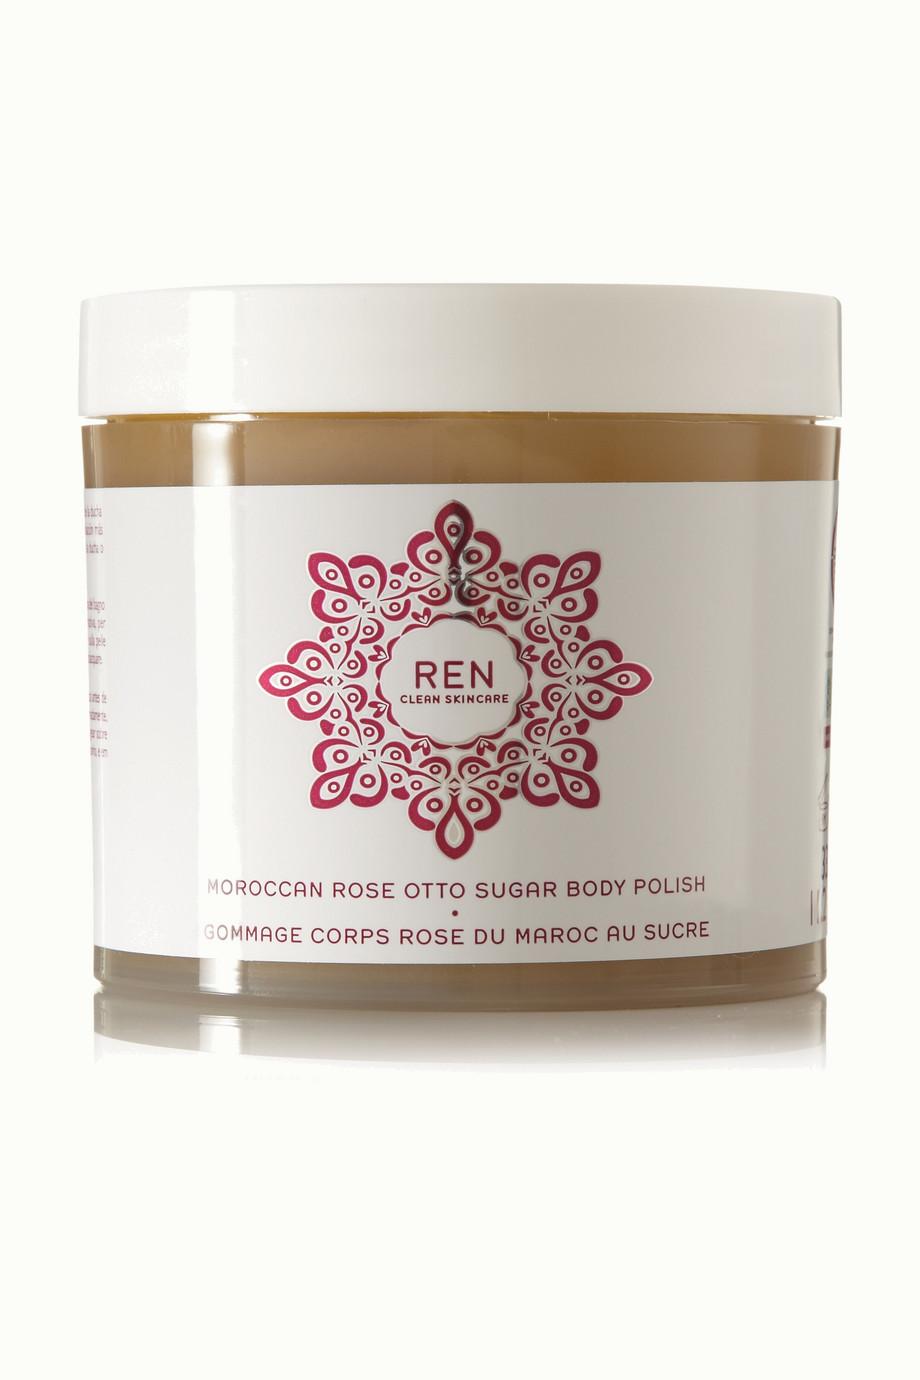 Moroccan Rose Otto Sugar Body Polish, 330ml, by Ren Skincare